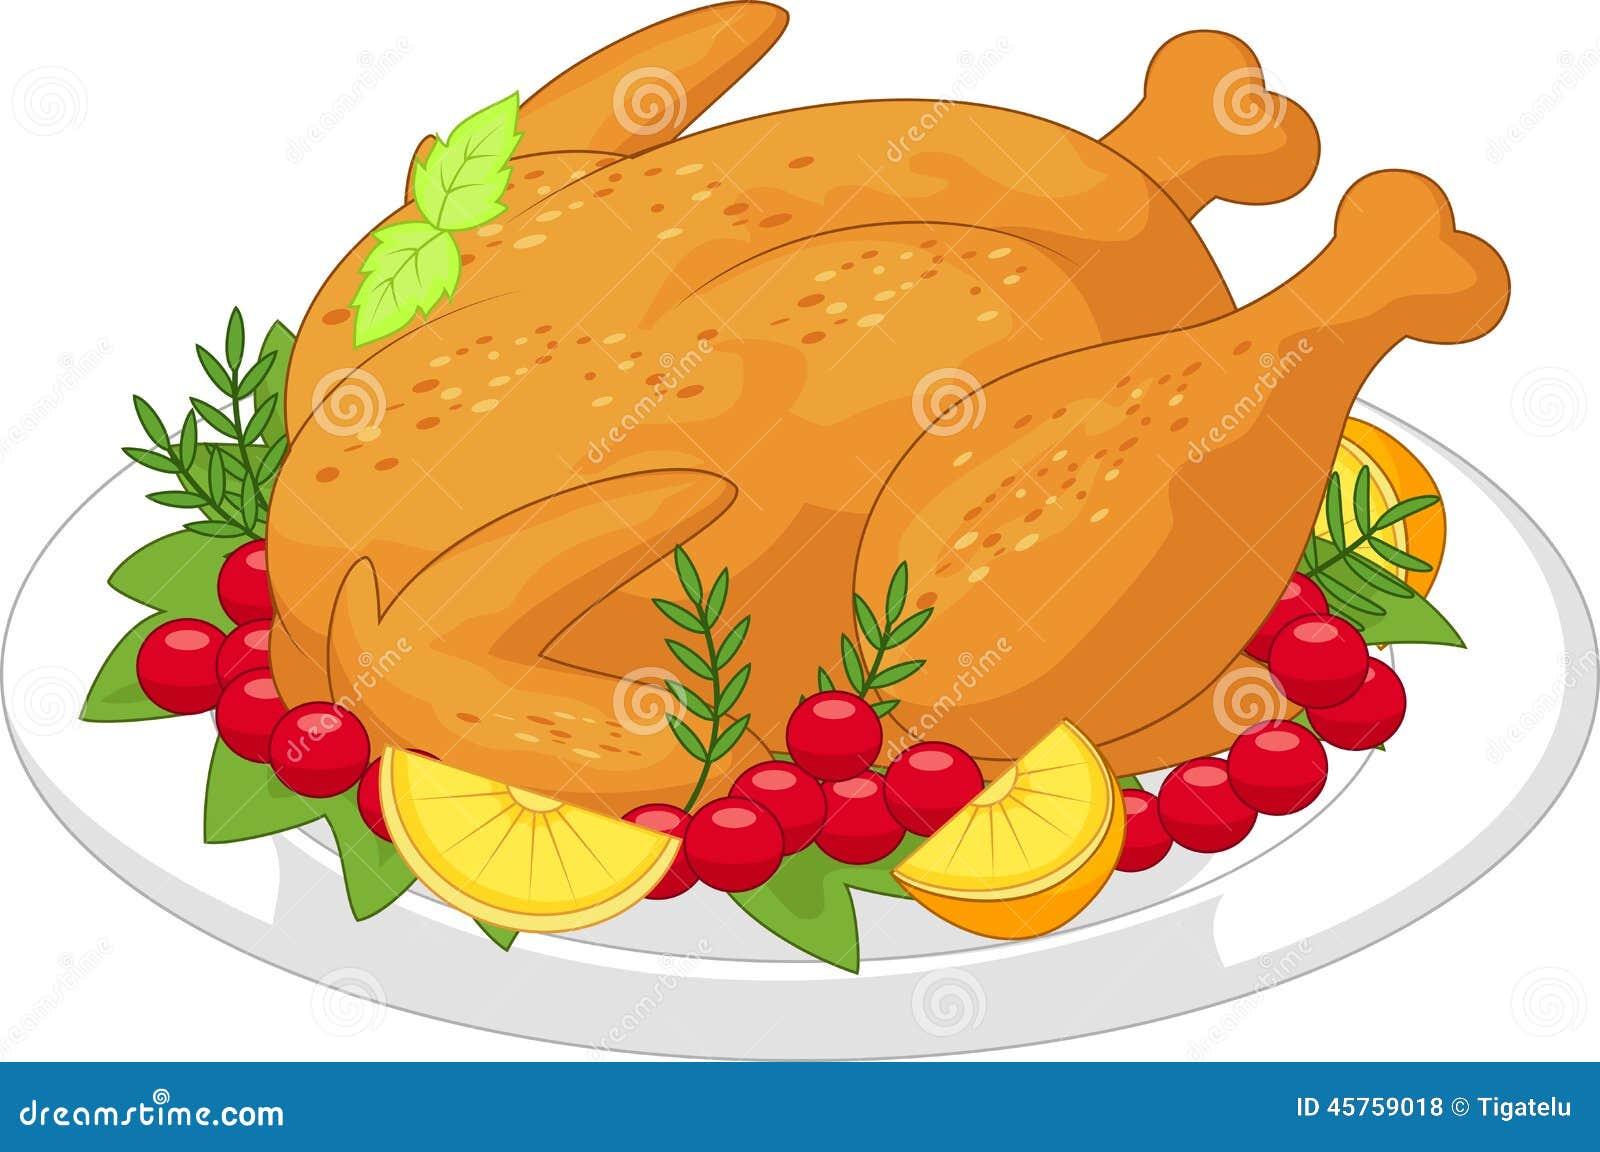 Roasted turkey cartoon stock vector. Illustration of ...